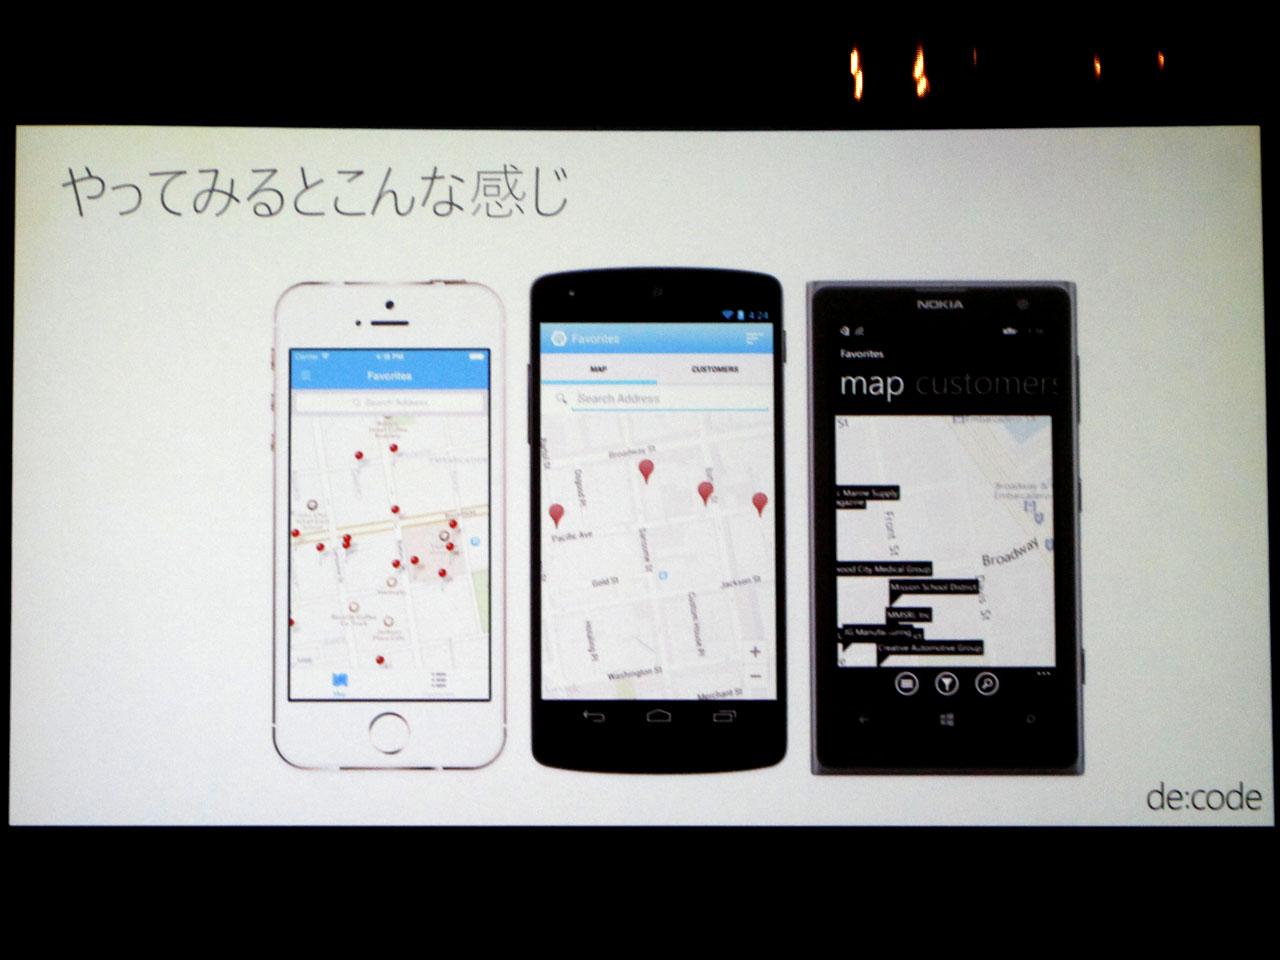 Xamarin.Formsで開発された地図アプリ。OSに応じて、UIのタブの位置や使われるマップのアプリ、ピンなどが異なることが分かる